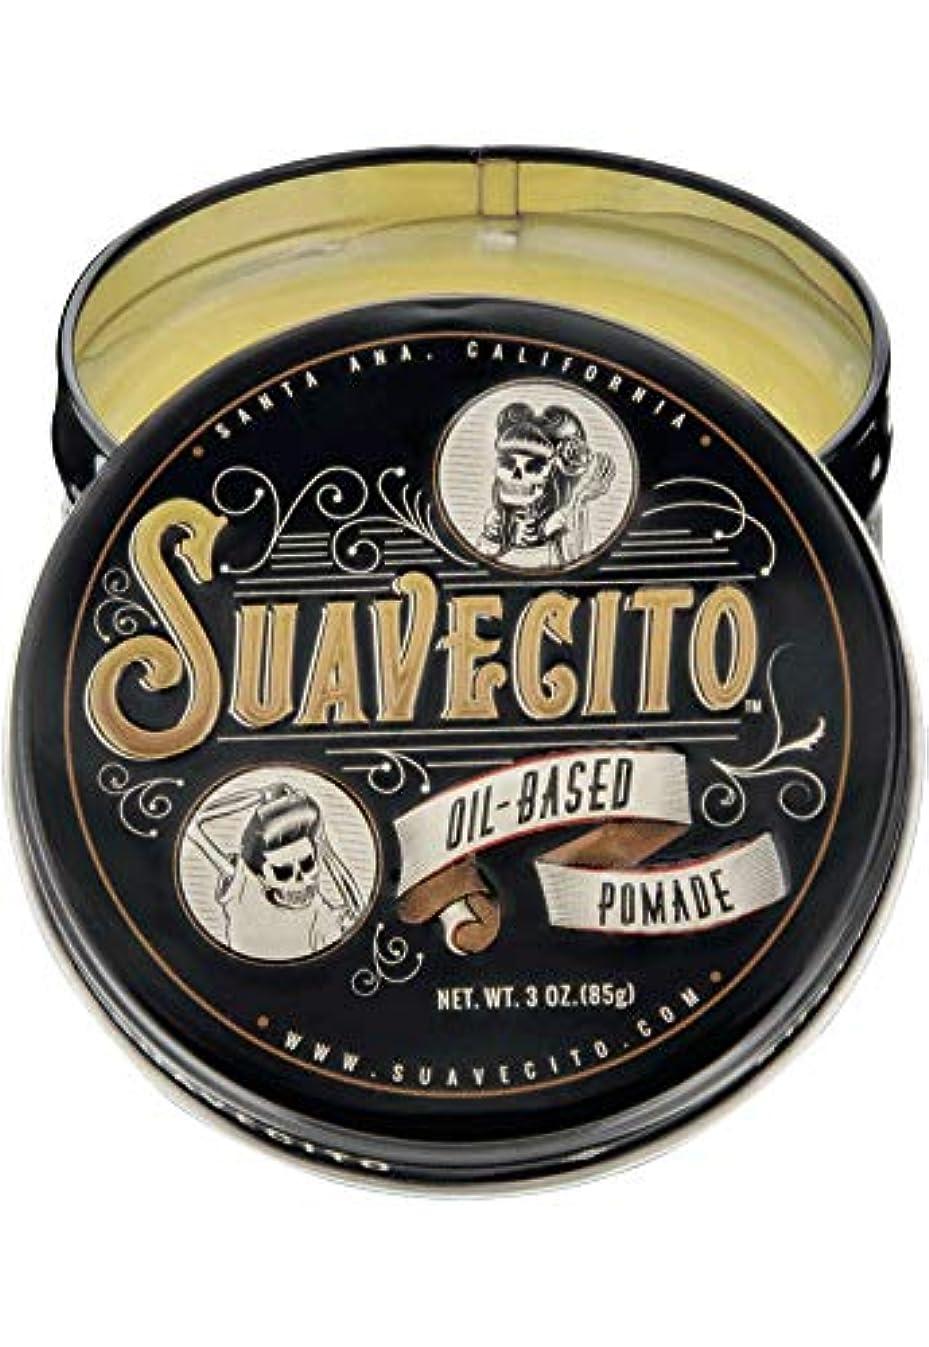 借りている兵士スティーブンソンSUAVECITO (スアベシート) OIL BASED POMADE ポマード 油性 男性用 ミディアムホールド ツヤあり トニック系の爽やかな香り 約85グラム/3オンス